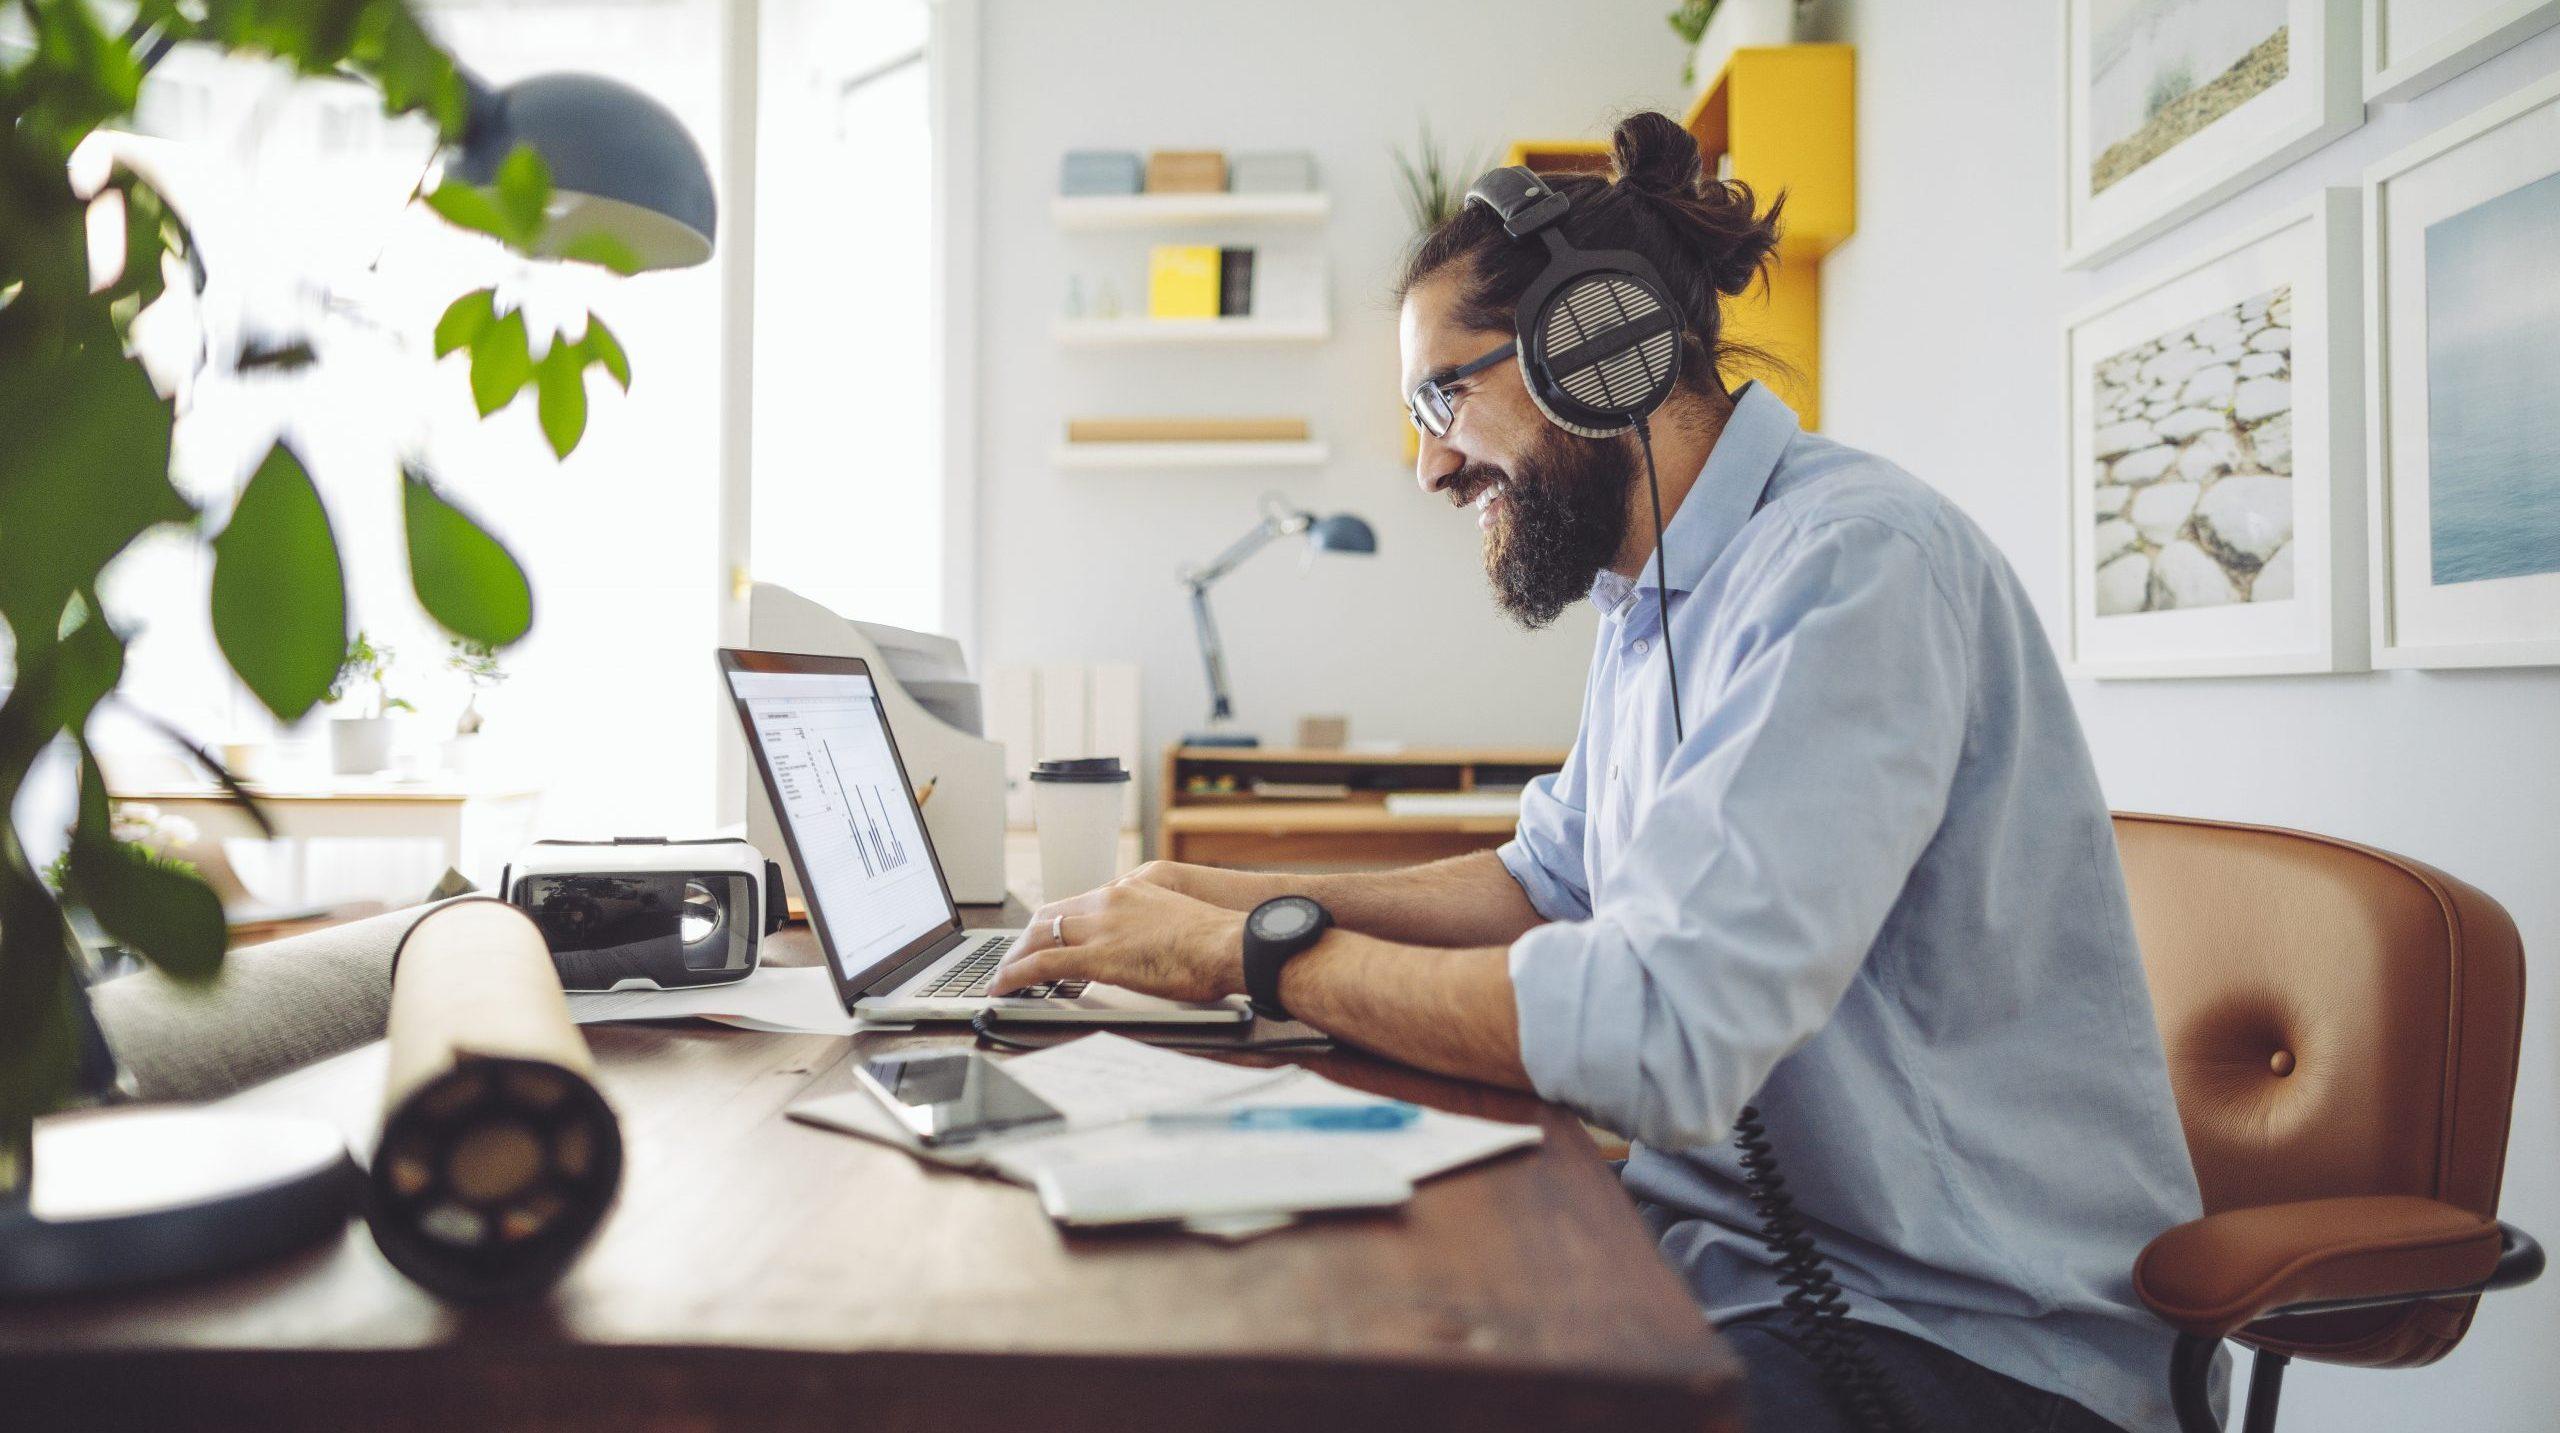 Homme barbu travaille sur bureau